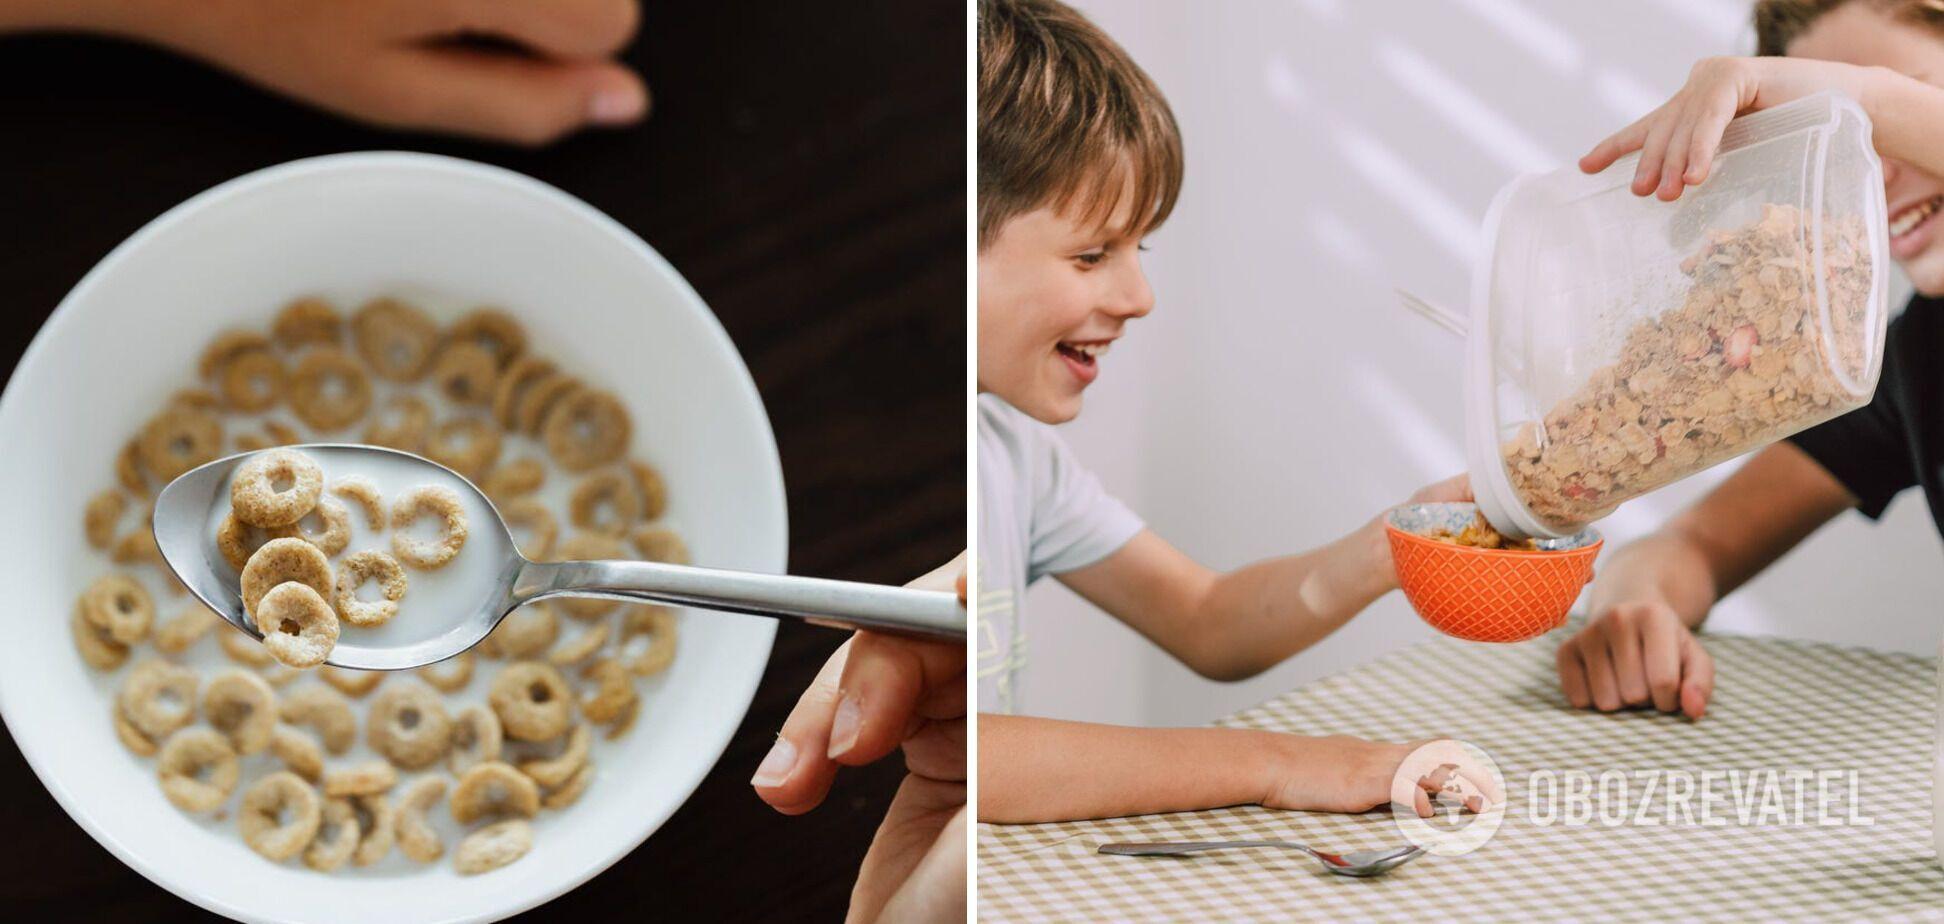 Вживання шкідливих хрустких сніданків